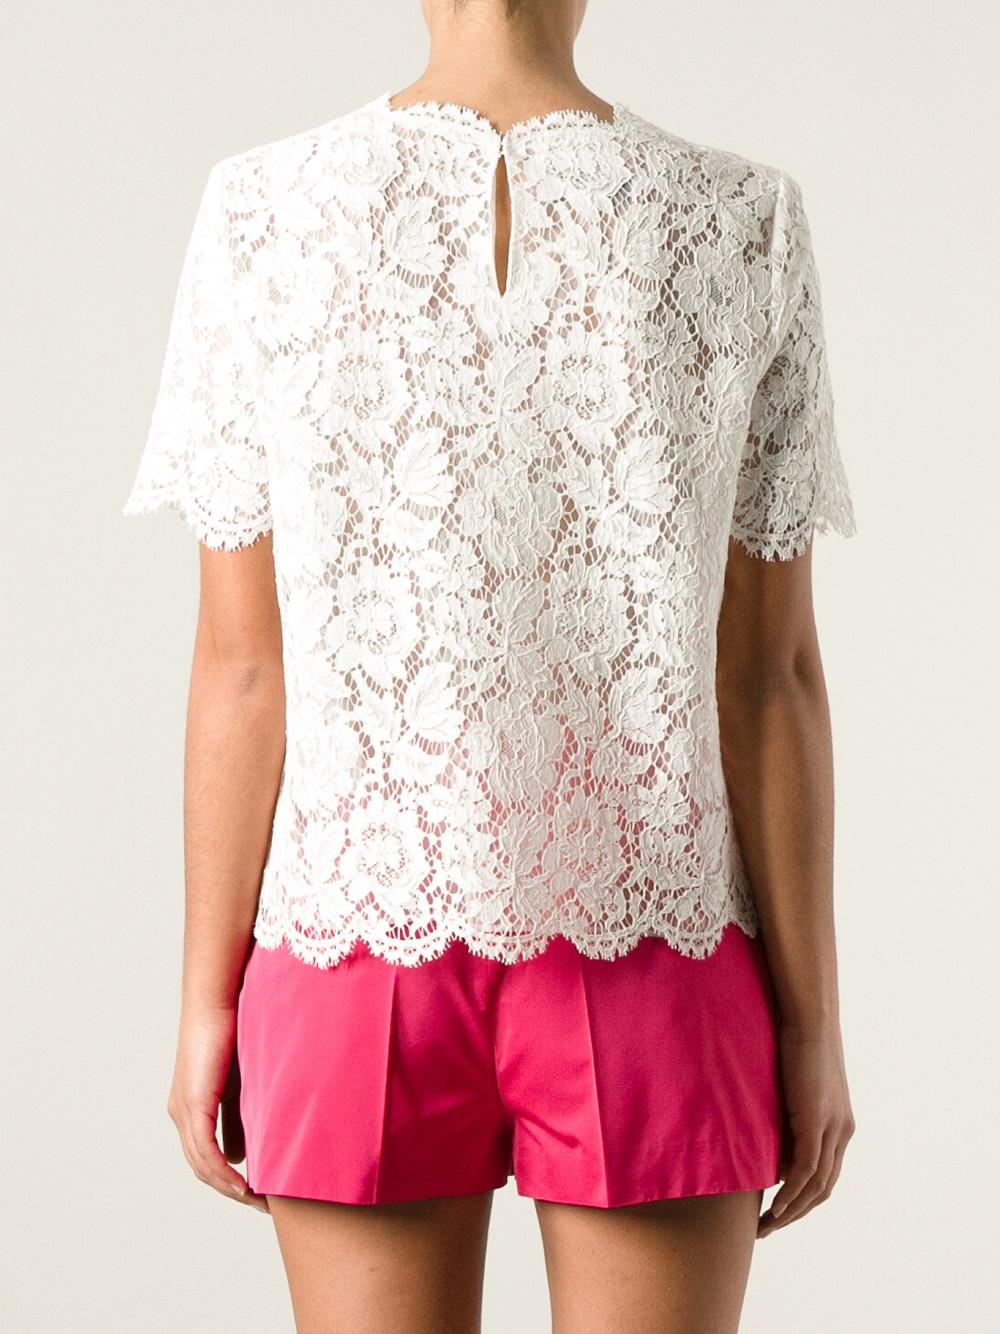 Designer Shirt For Women